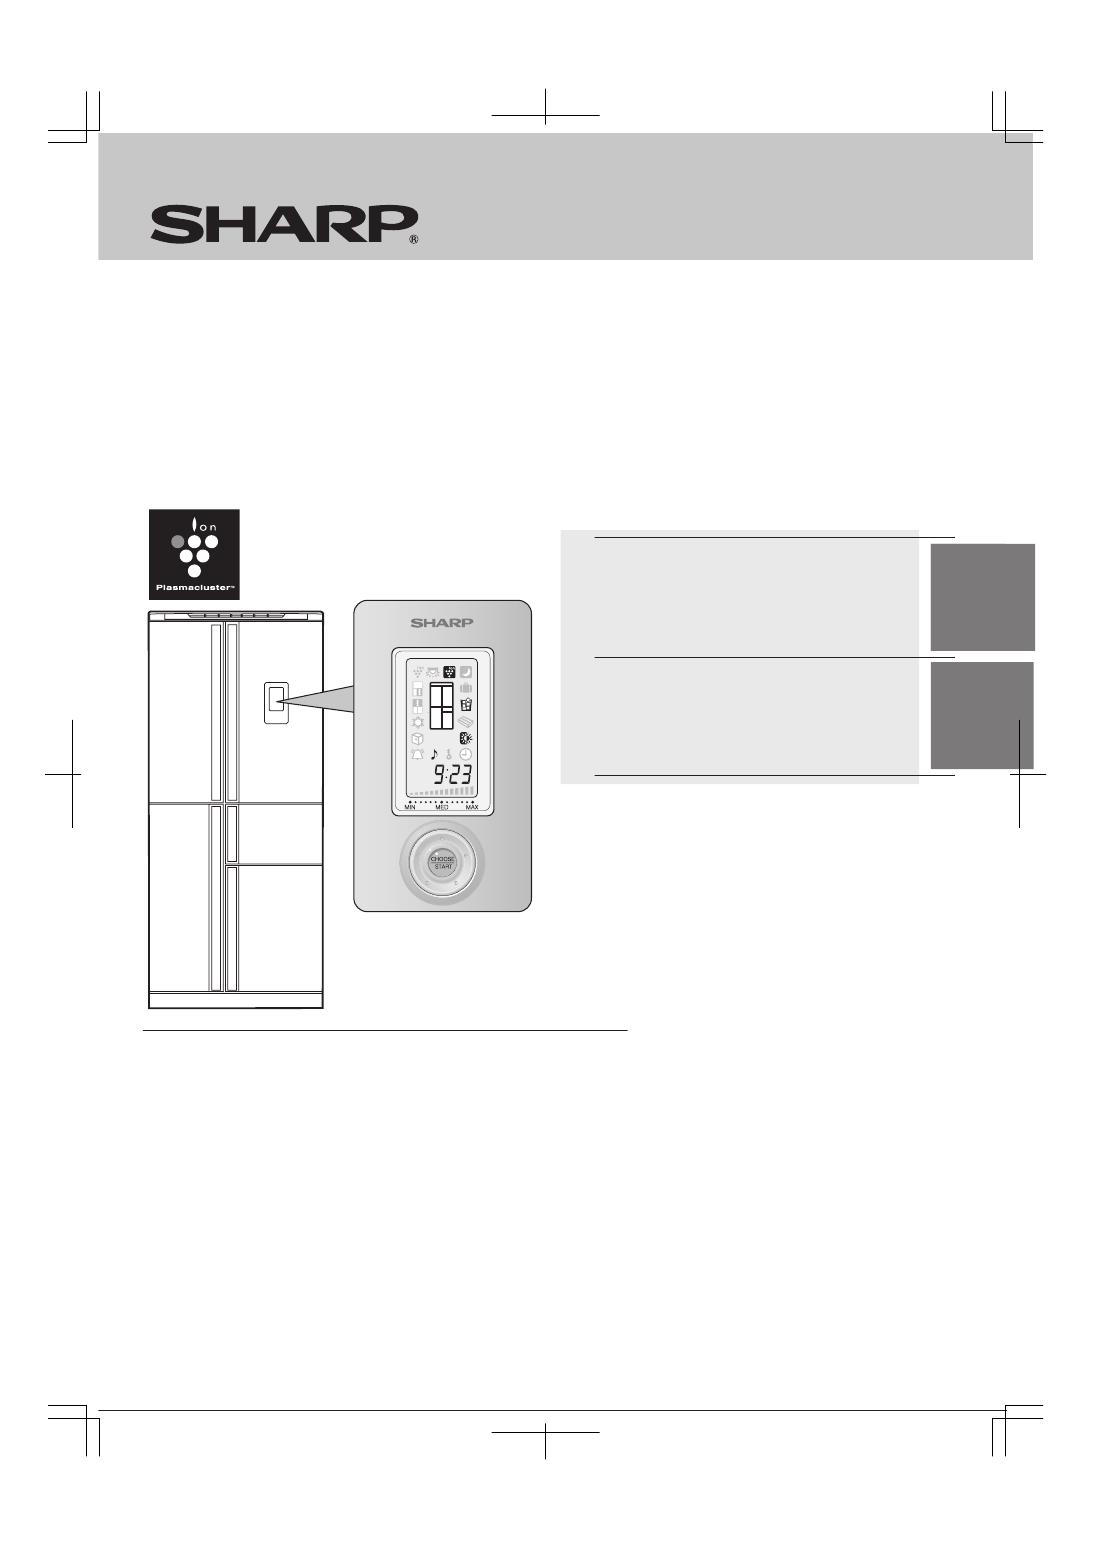 холодильник sharp sj-sc55pvbk инструкция по установке